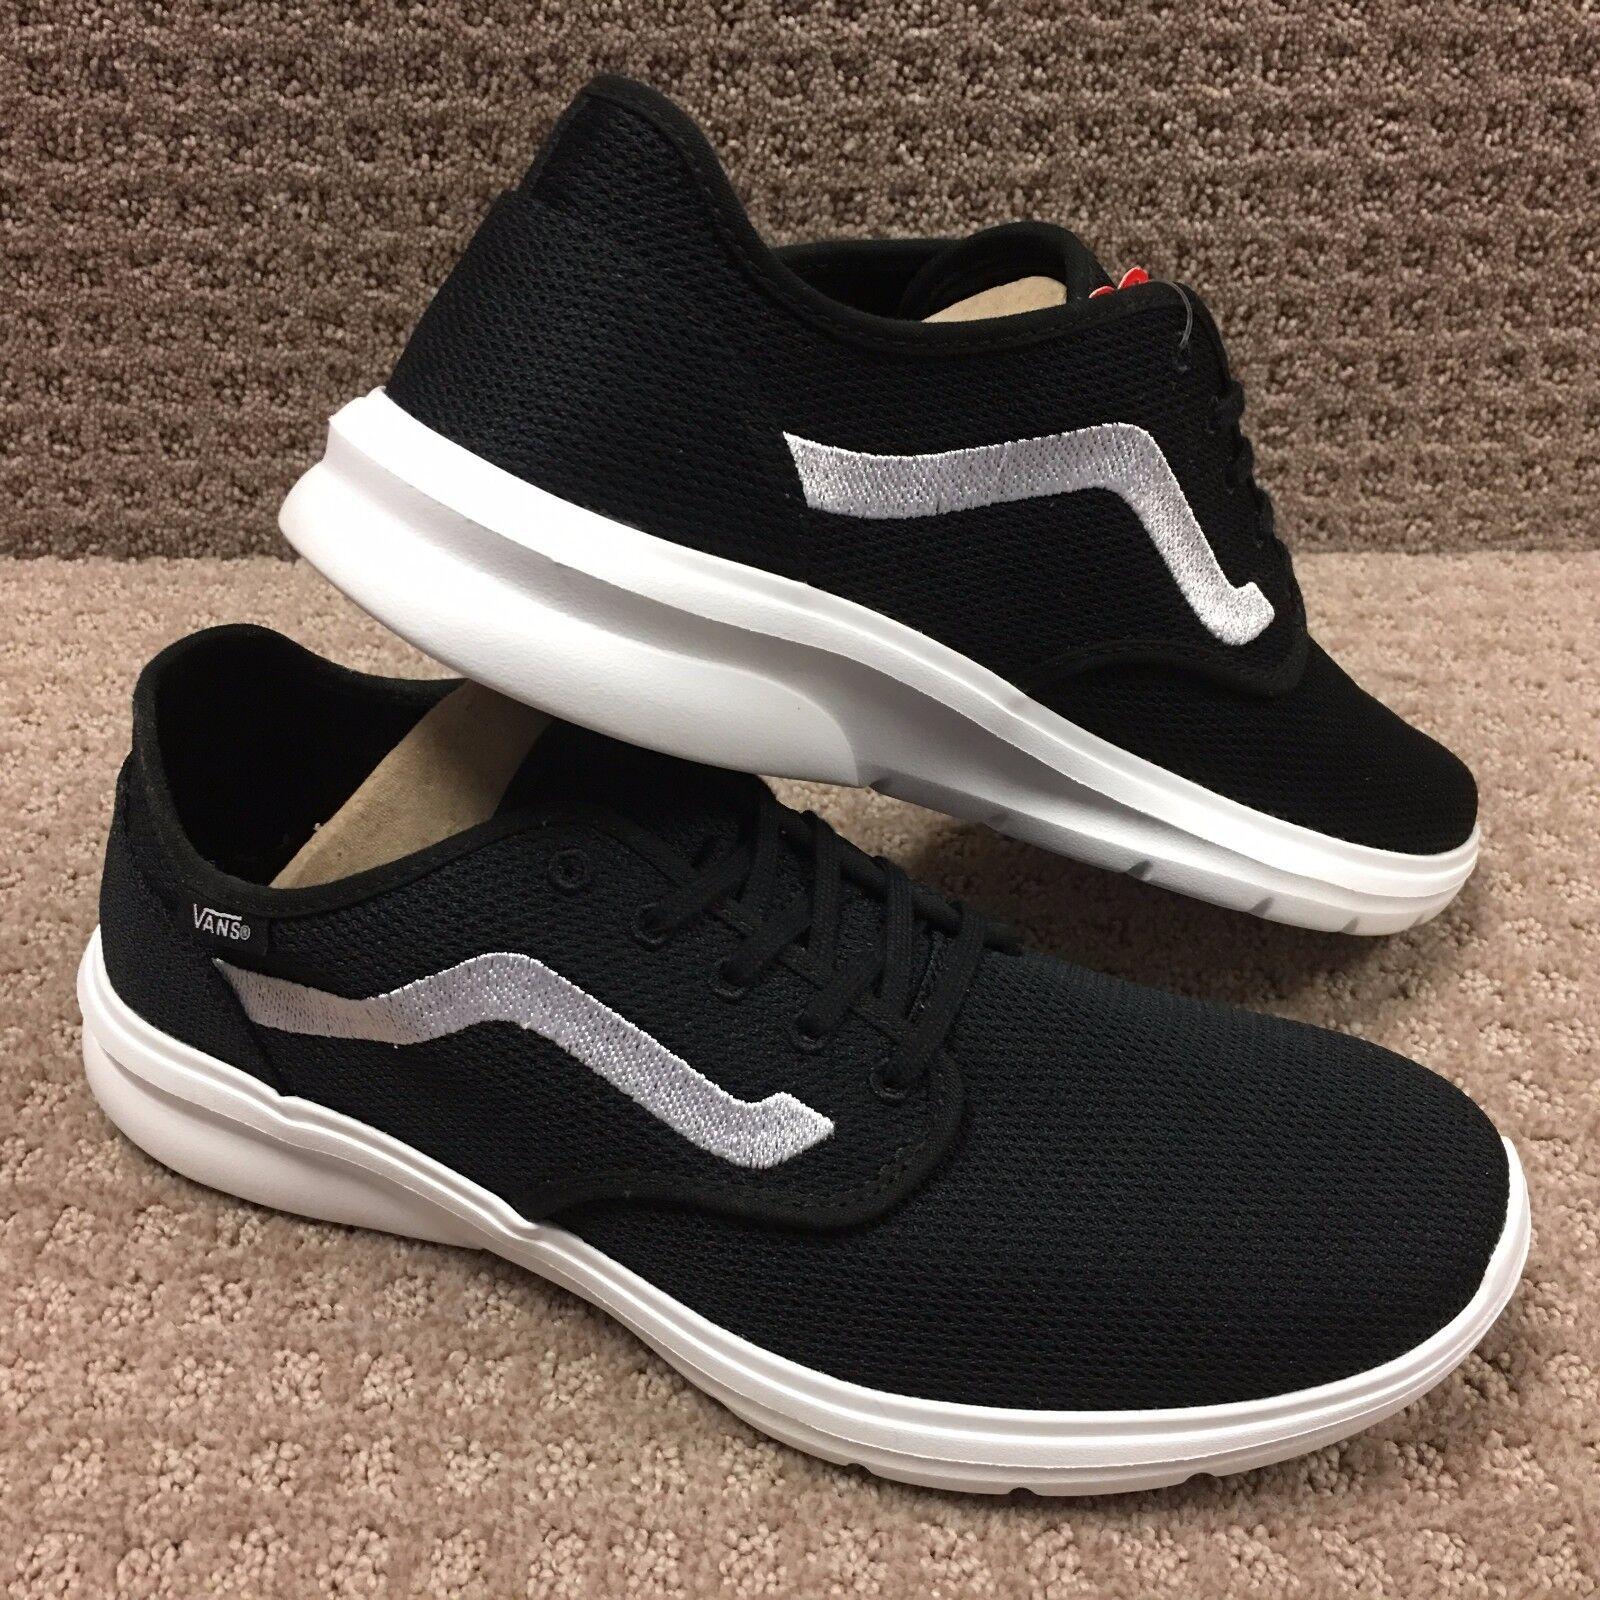 Vans Herren Schuhe   Iso 5.1cm (Netz) Schwarz  Weiß  Weiß    Sonderkauf